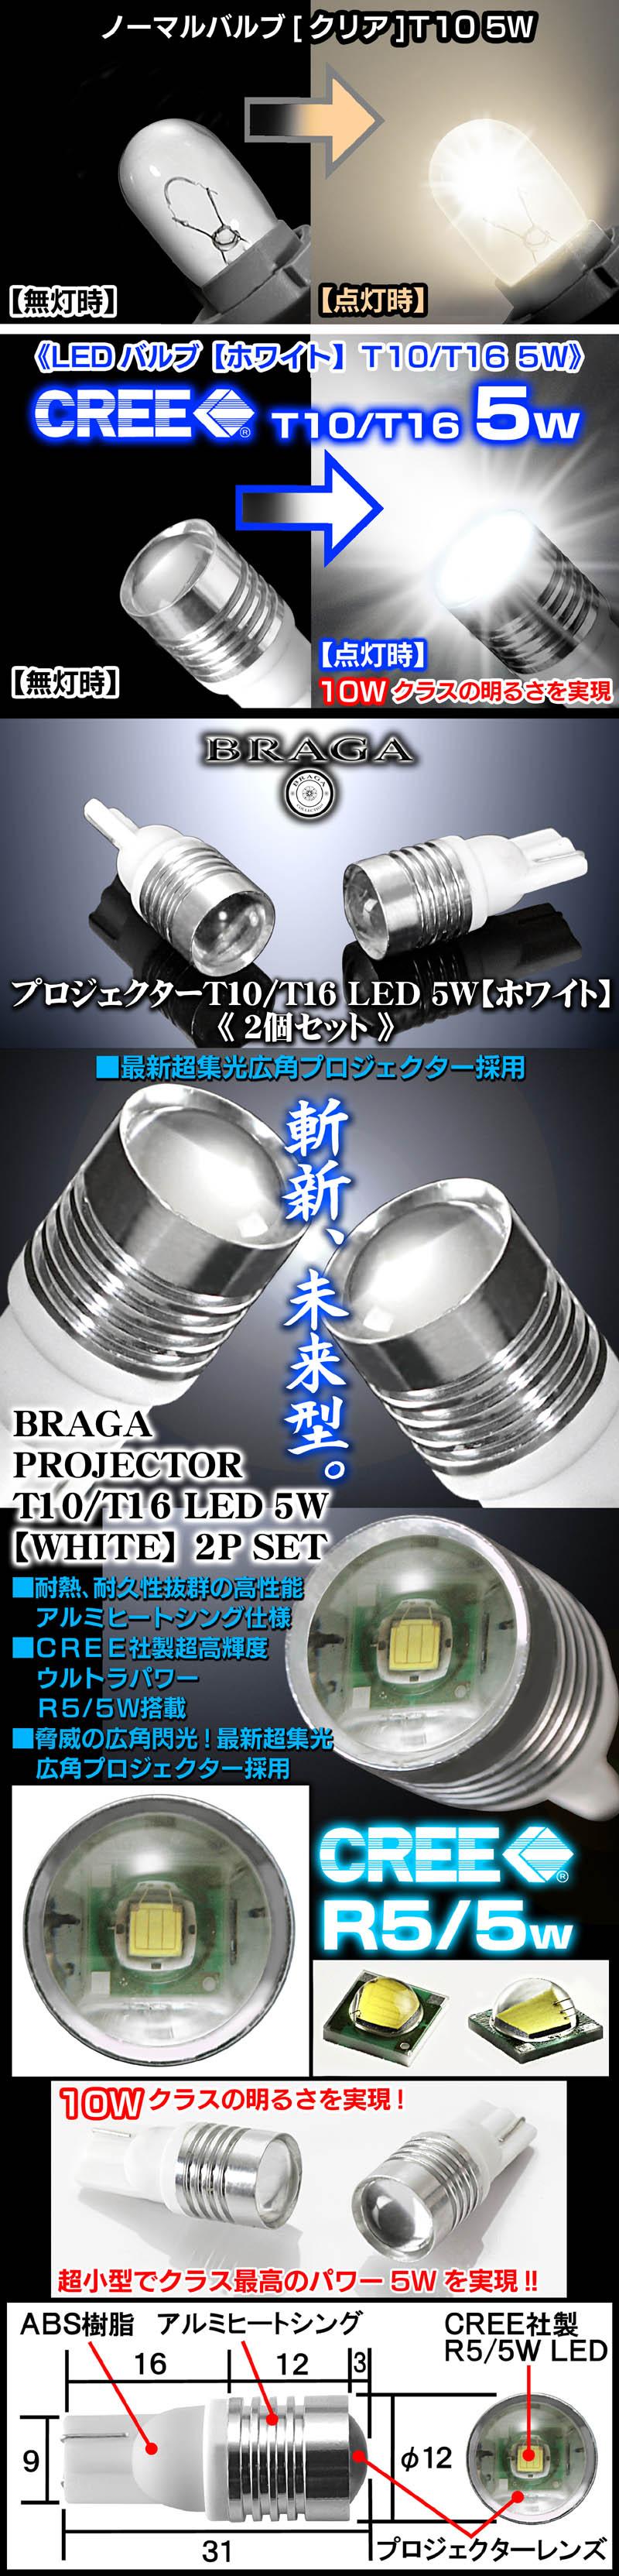 T10/5W《ホワイト》CREE社製LED搭載プロジェクターLEDバルブ/10Wクラスの光を実現!《2個セット》ブラガ